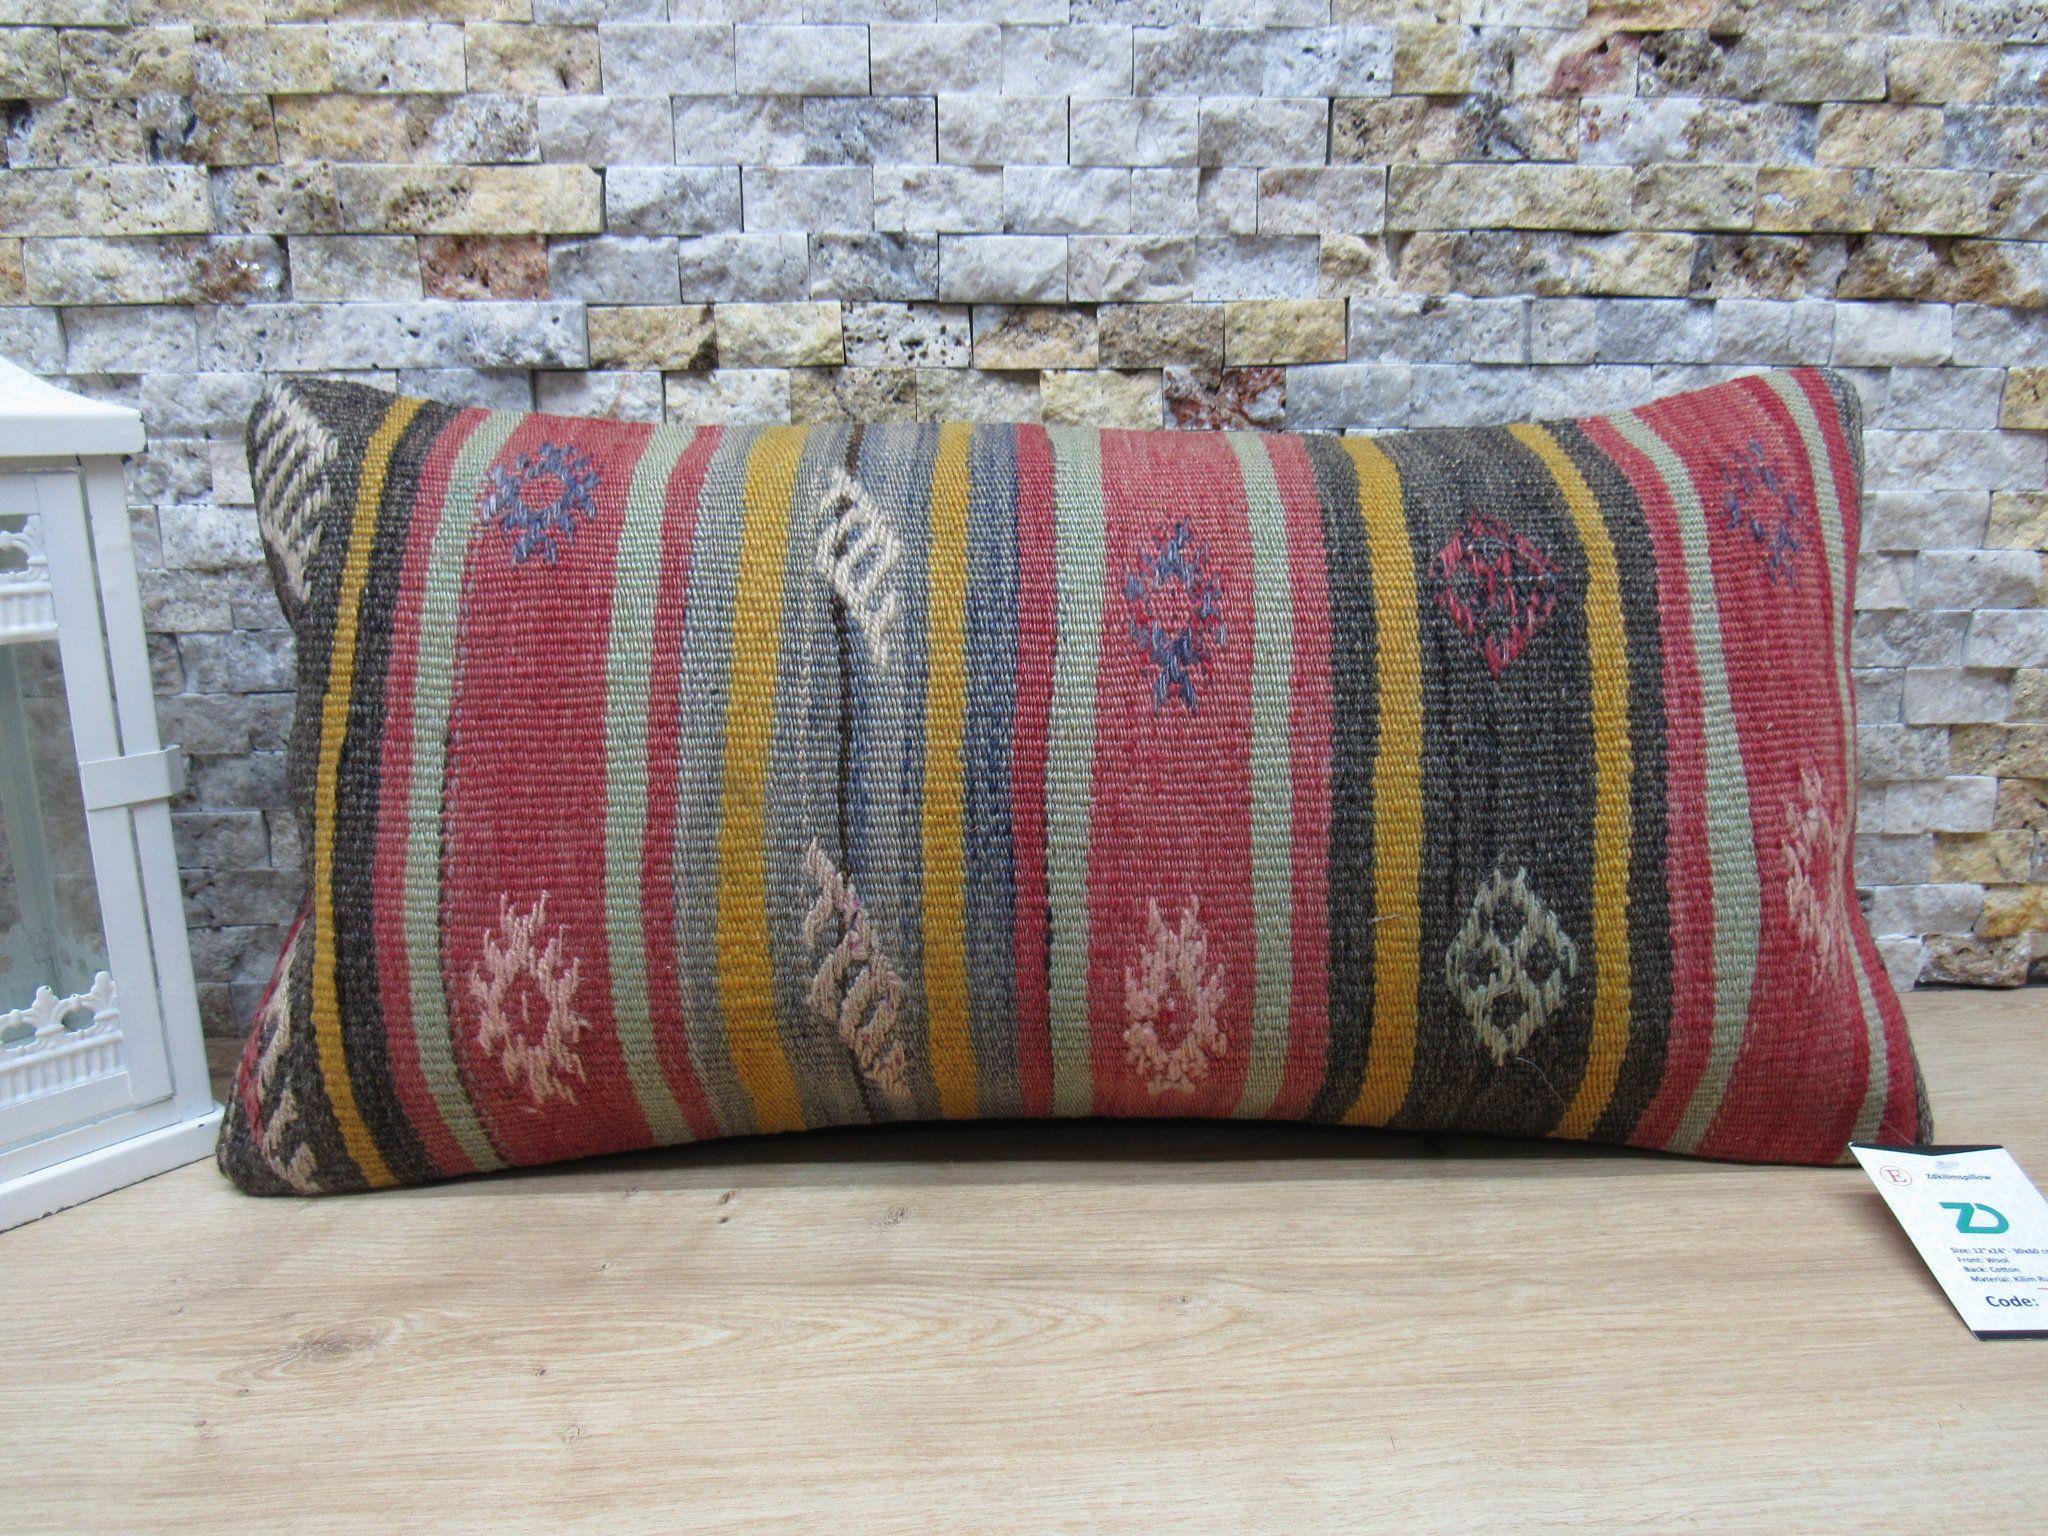 12x24 Kilim Pillow Sofa Throw Pillow Bohemian Kilim Pillow Handwoven Turkish Kilim Pillow Tribal Boho Pillow Cushion Cover Home Decor